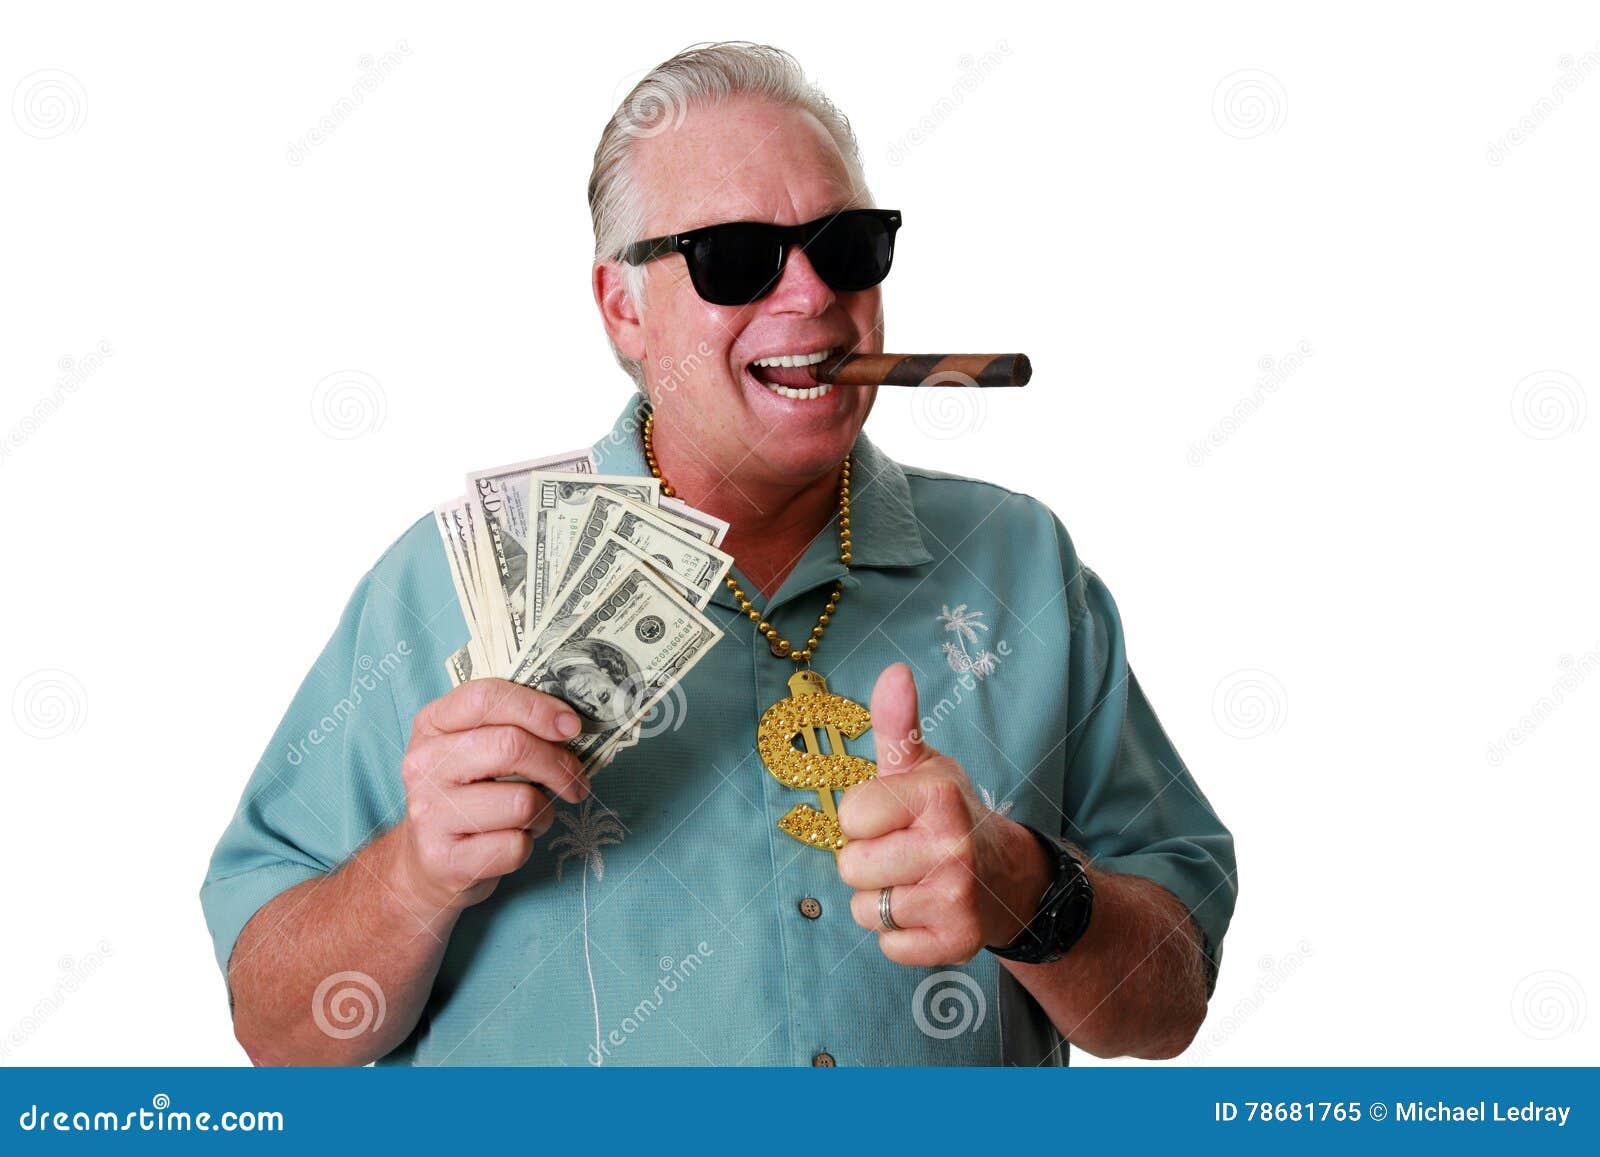 有金钱的一个人 一个人赢取金钱 一个人有金钱 一个人嗅金钱 一个人爱金钱 一个人和他的金钱 一个人是富有的 A